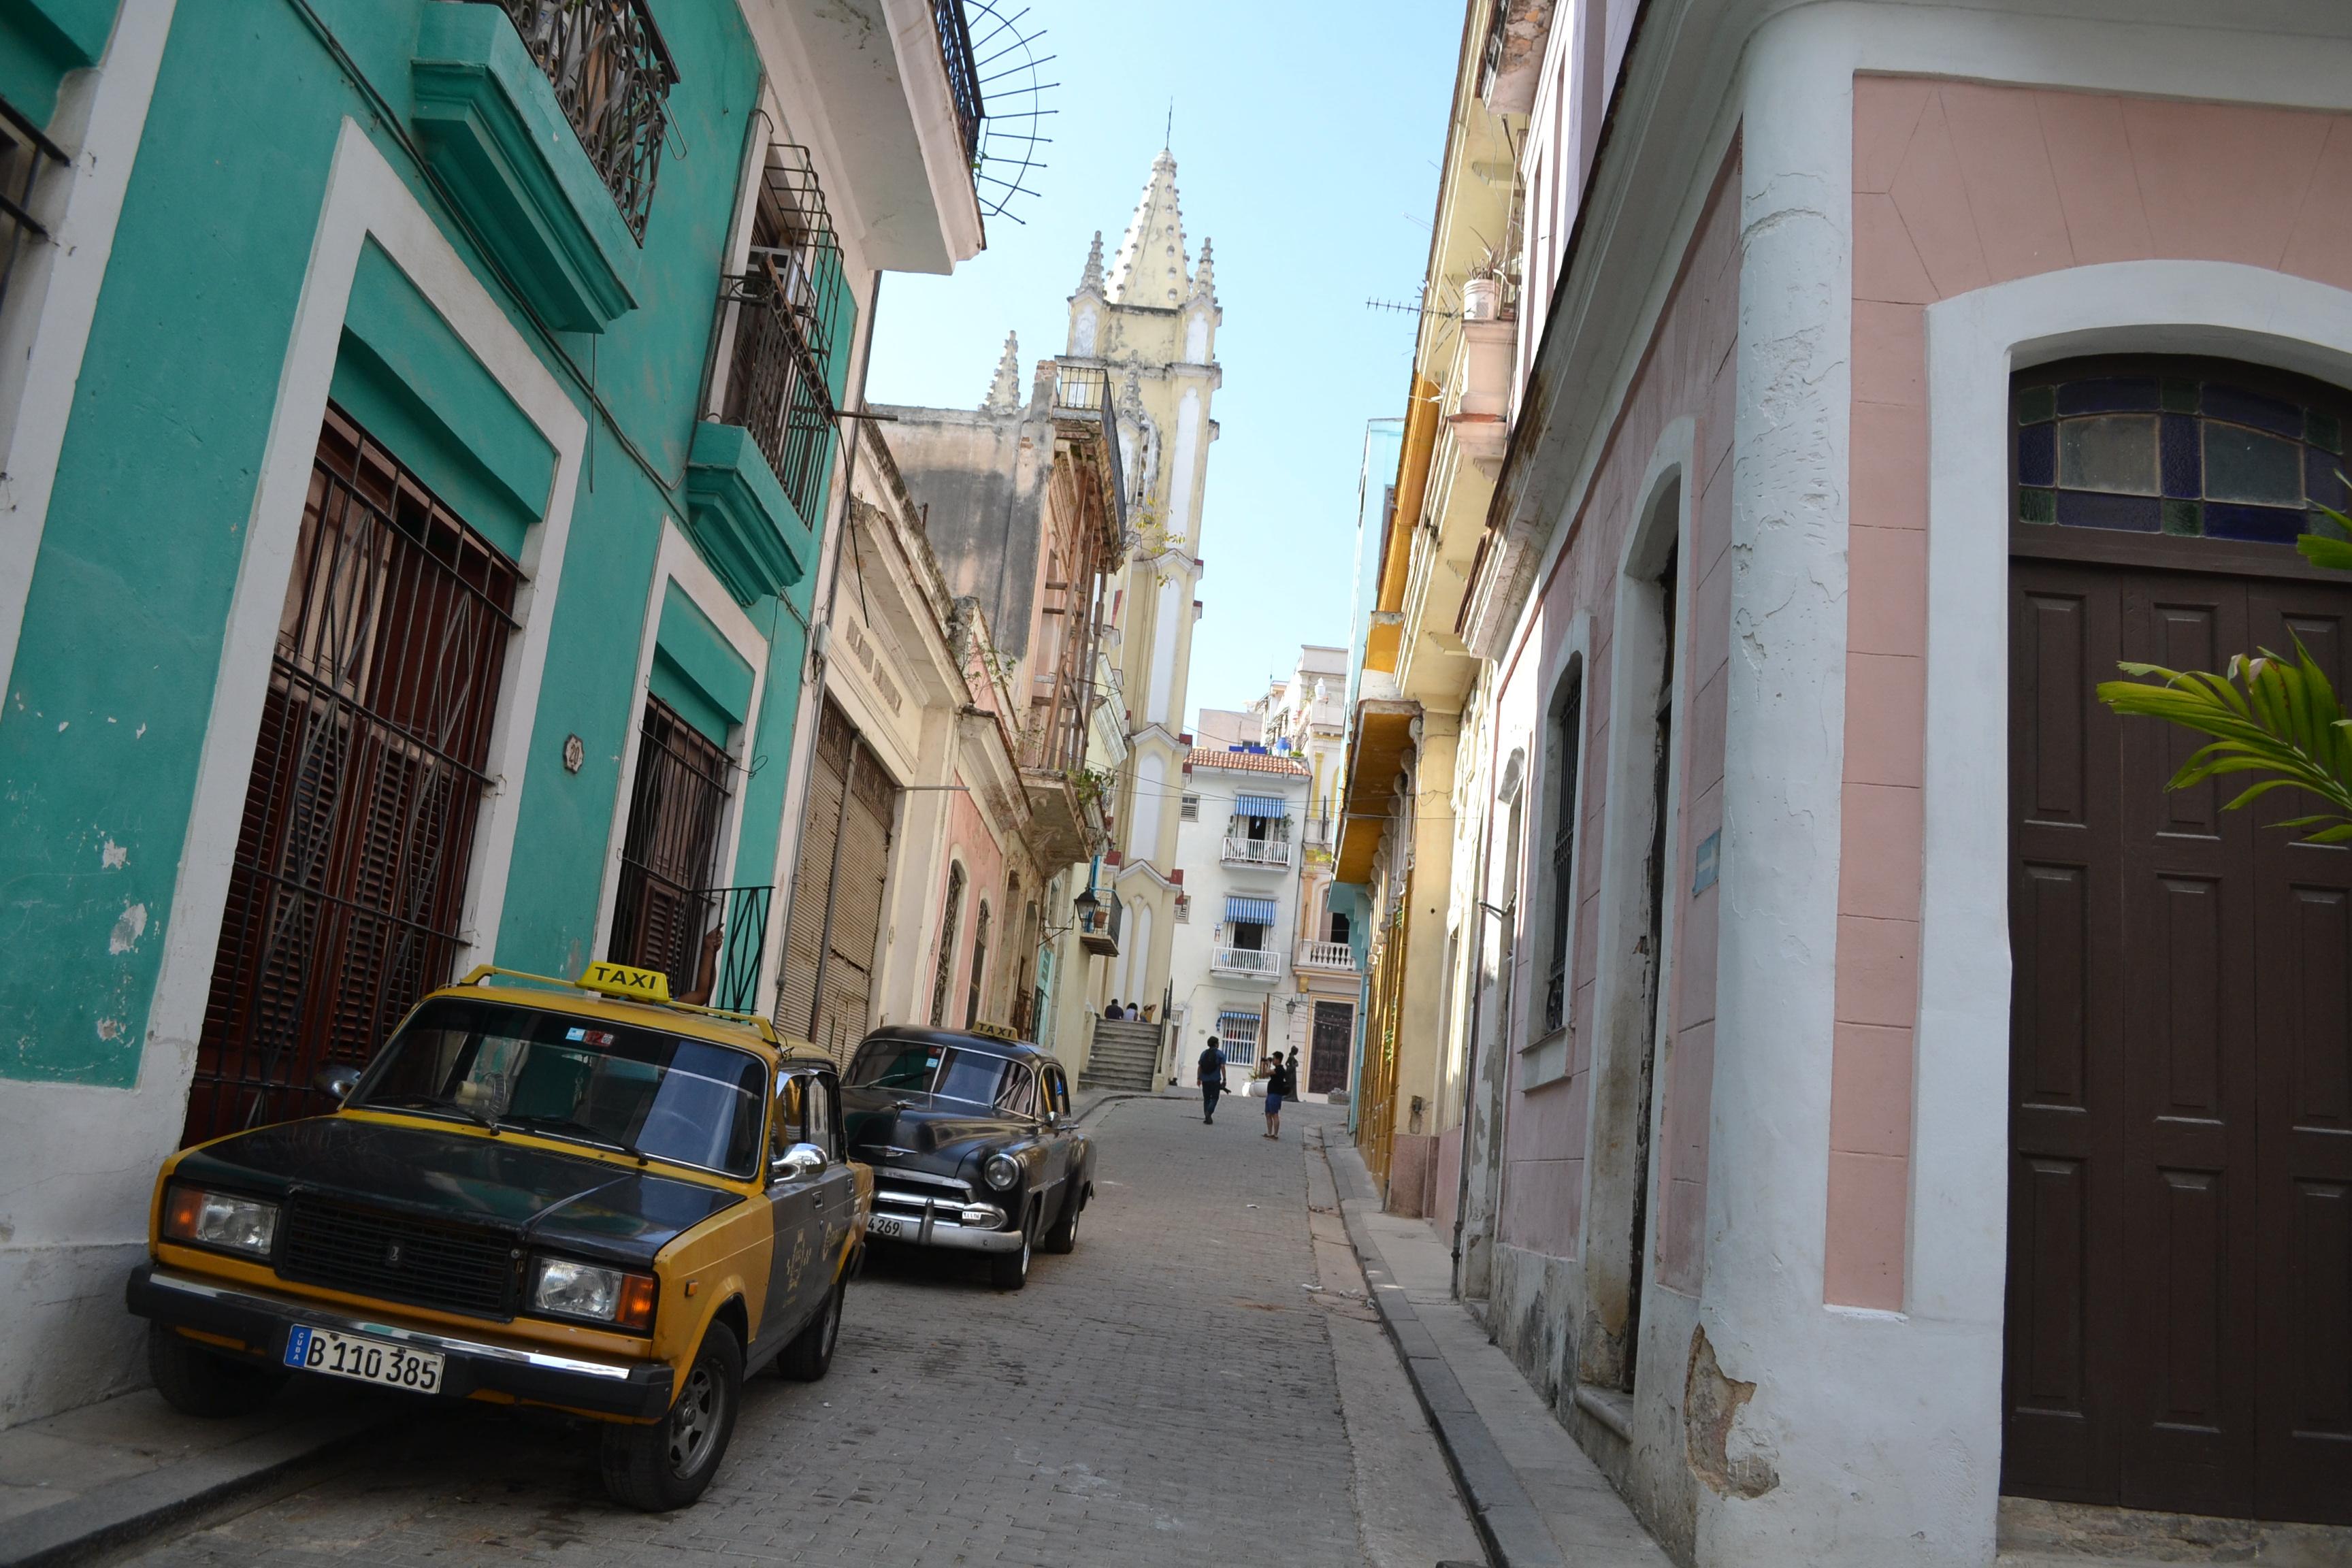 キューバ・ハバナの観光地区の街並み2の写真